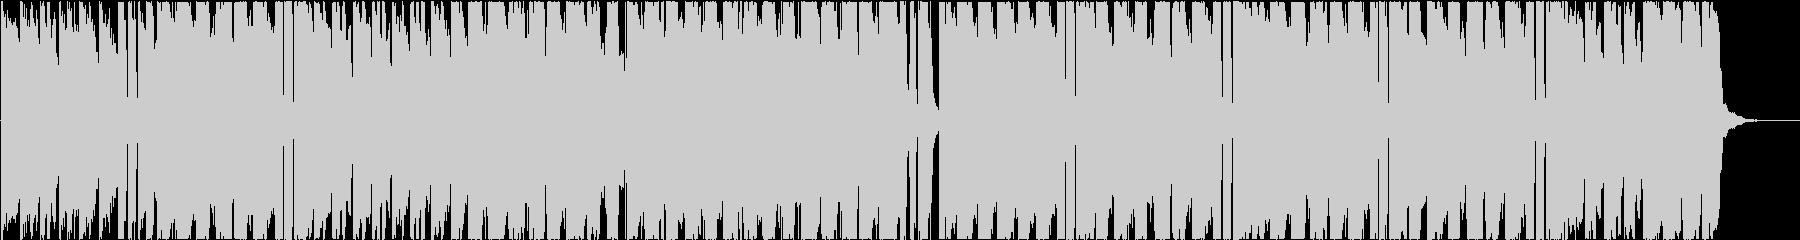 エレピとアコギのオシャレなLofiPopの未再生の波形